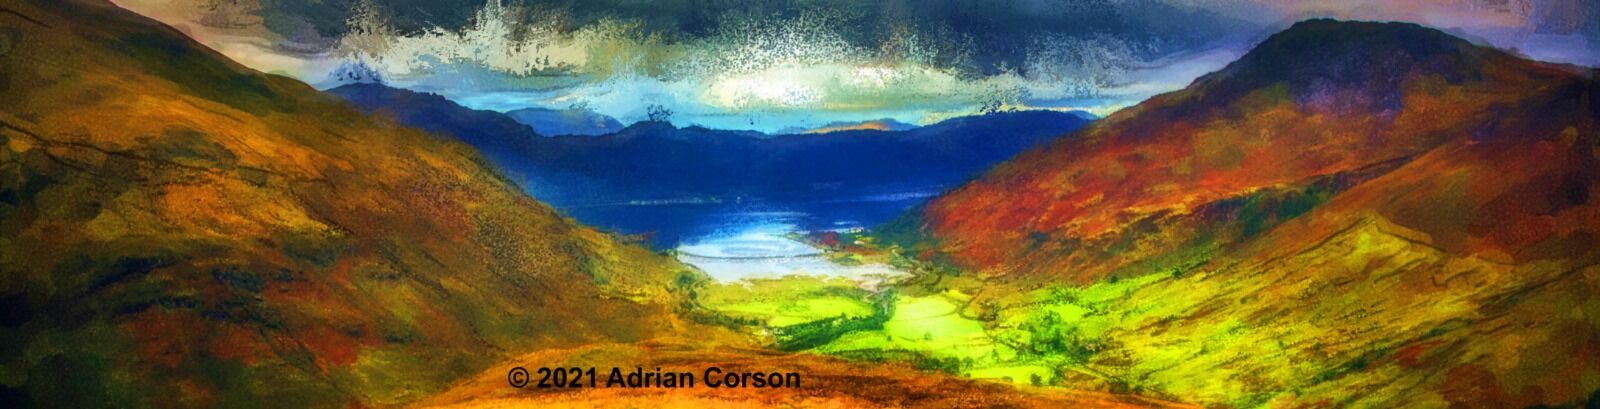 182-valley loch view